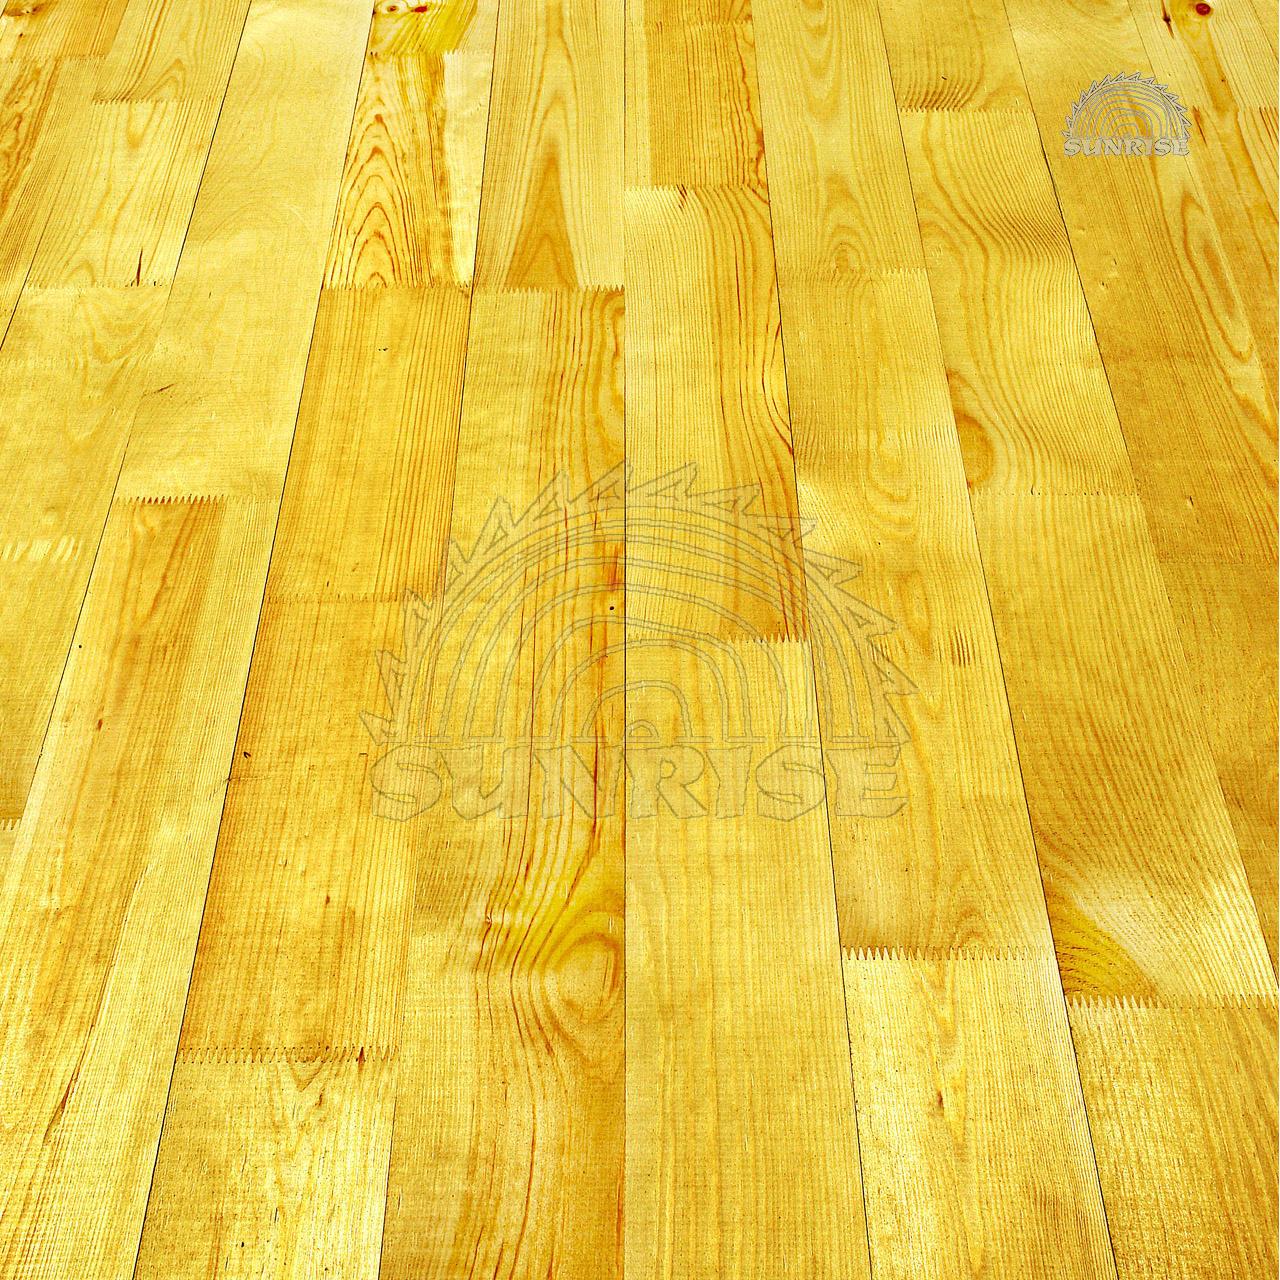 Дошка підлоги соснова зрощена - покладена на підлогу